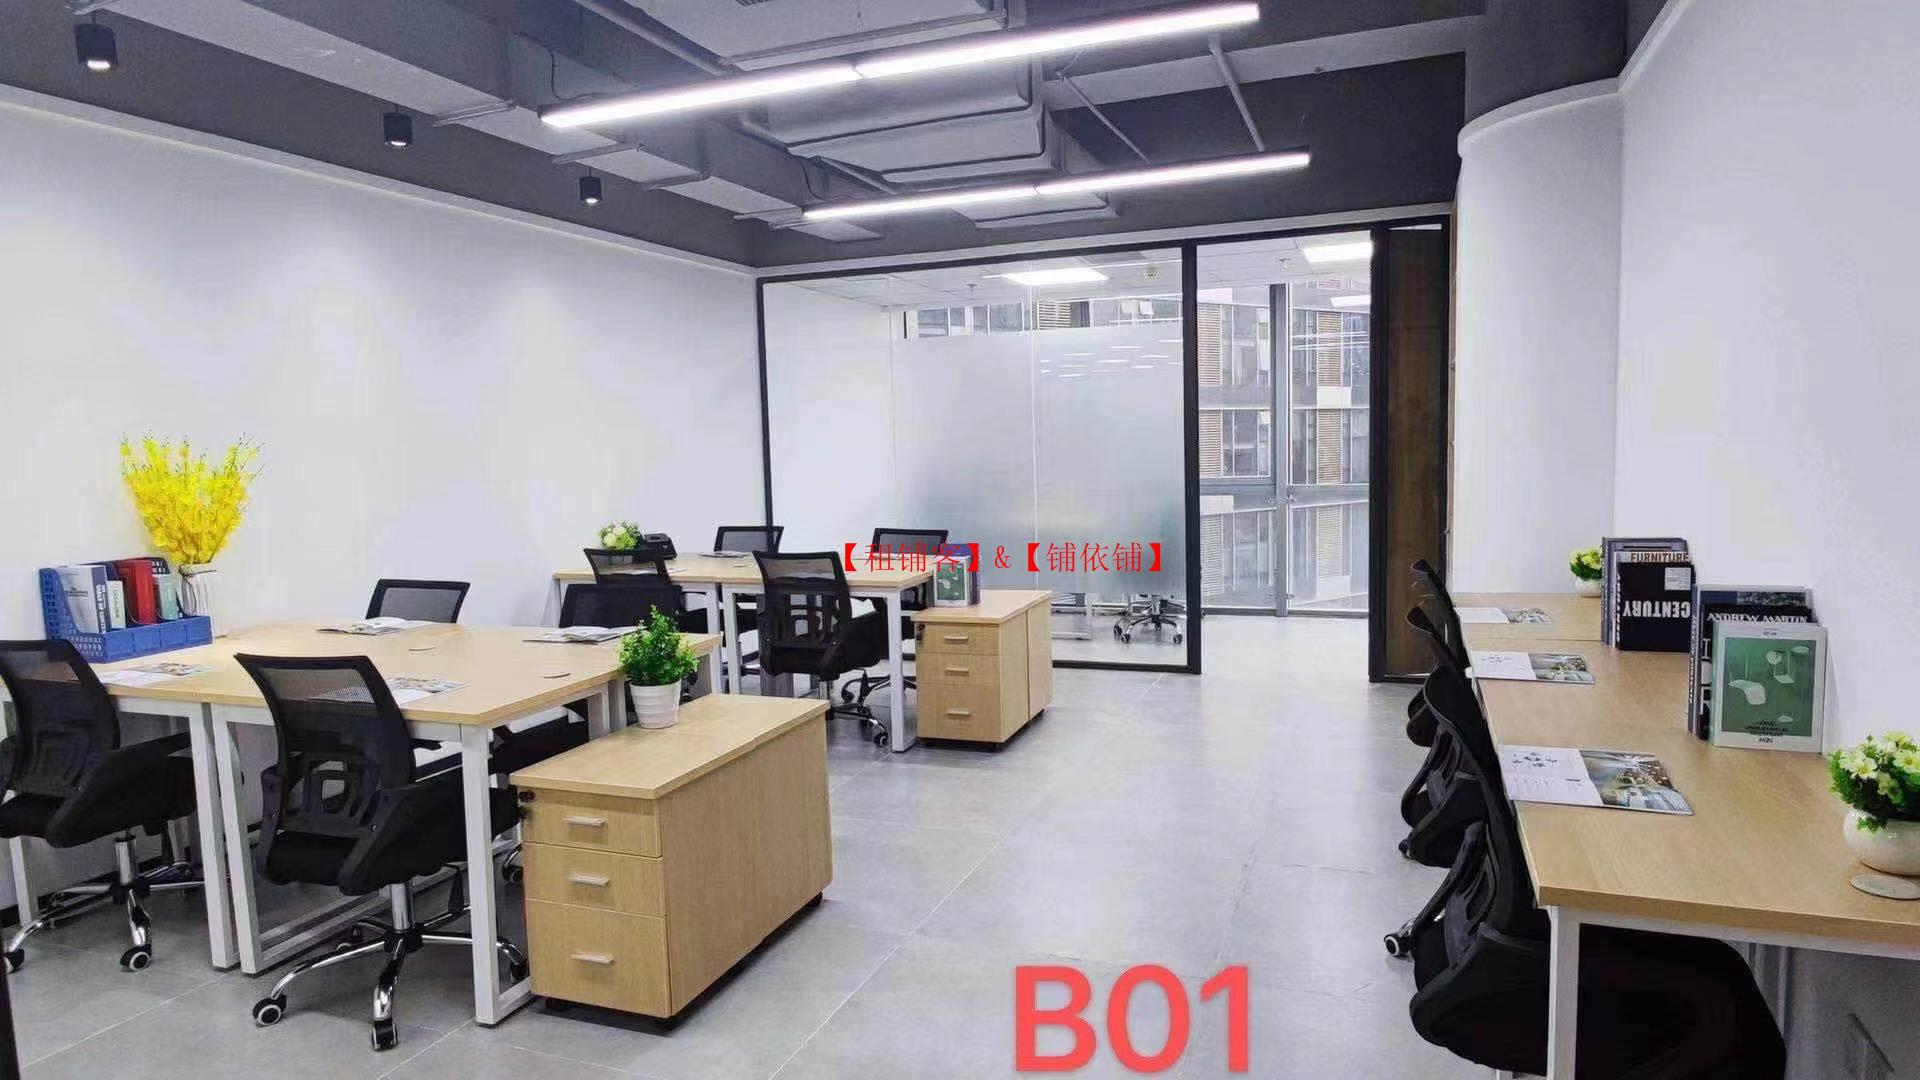 2人间1000元独立办公室 新天地精装写字楼 全包价